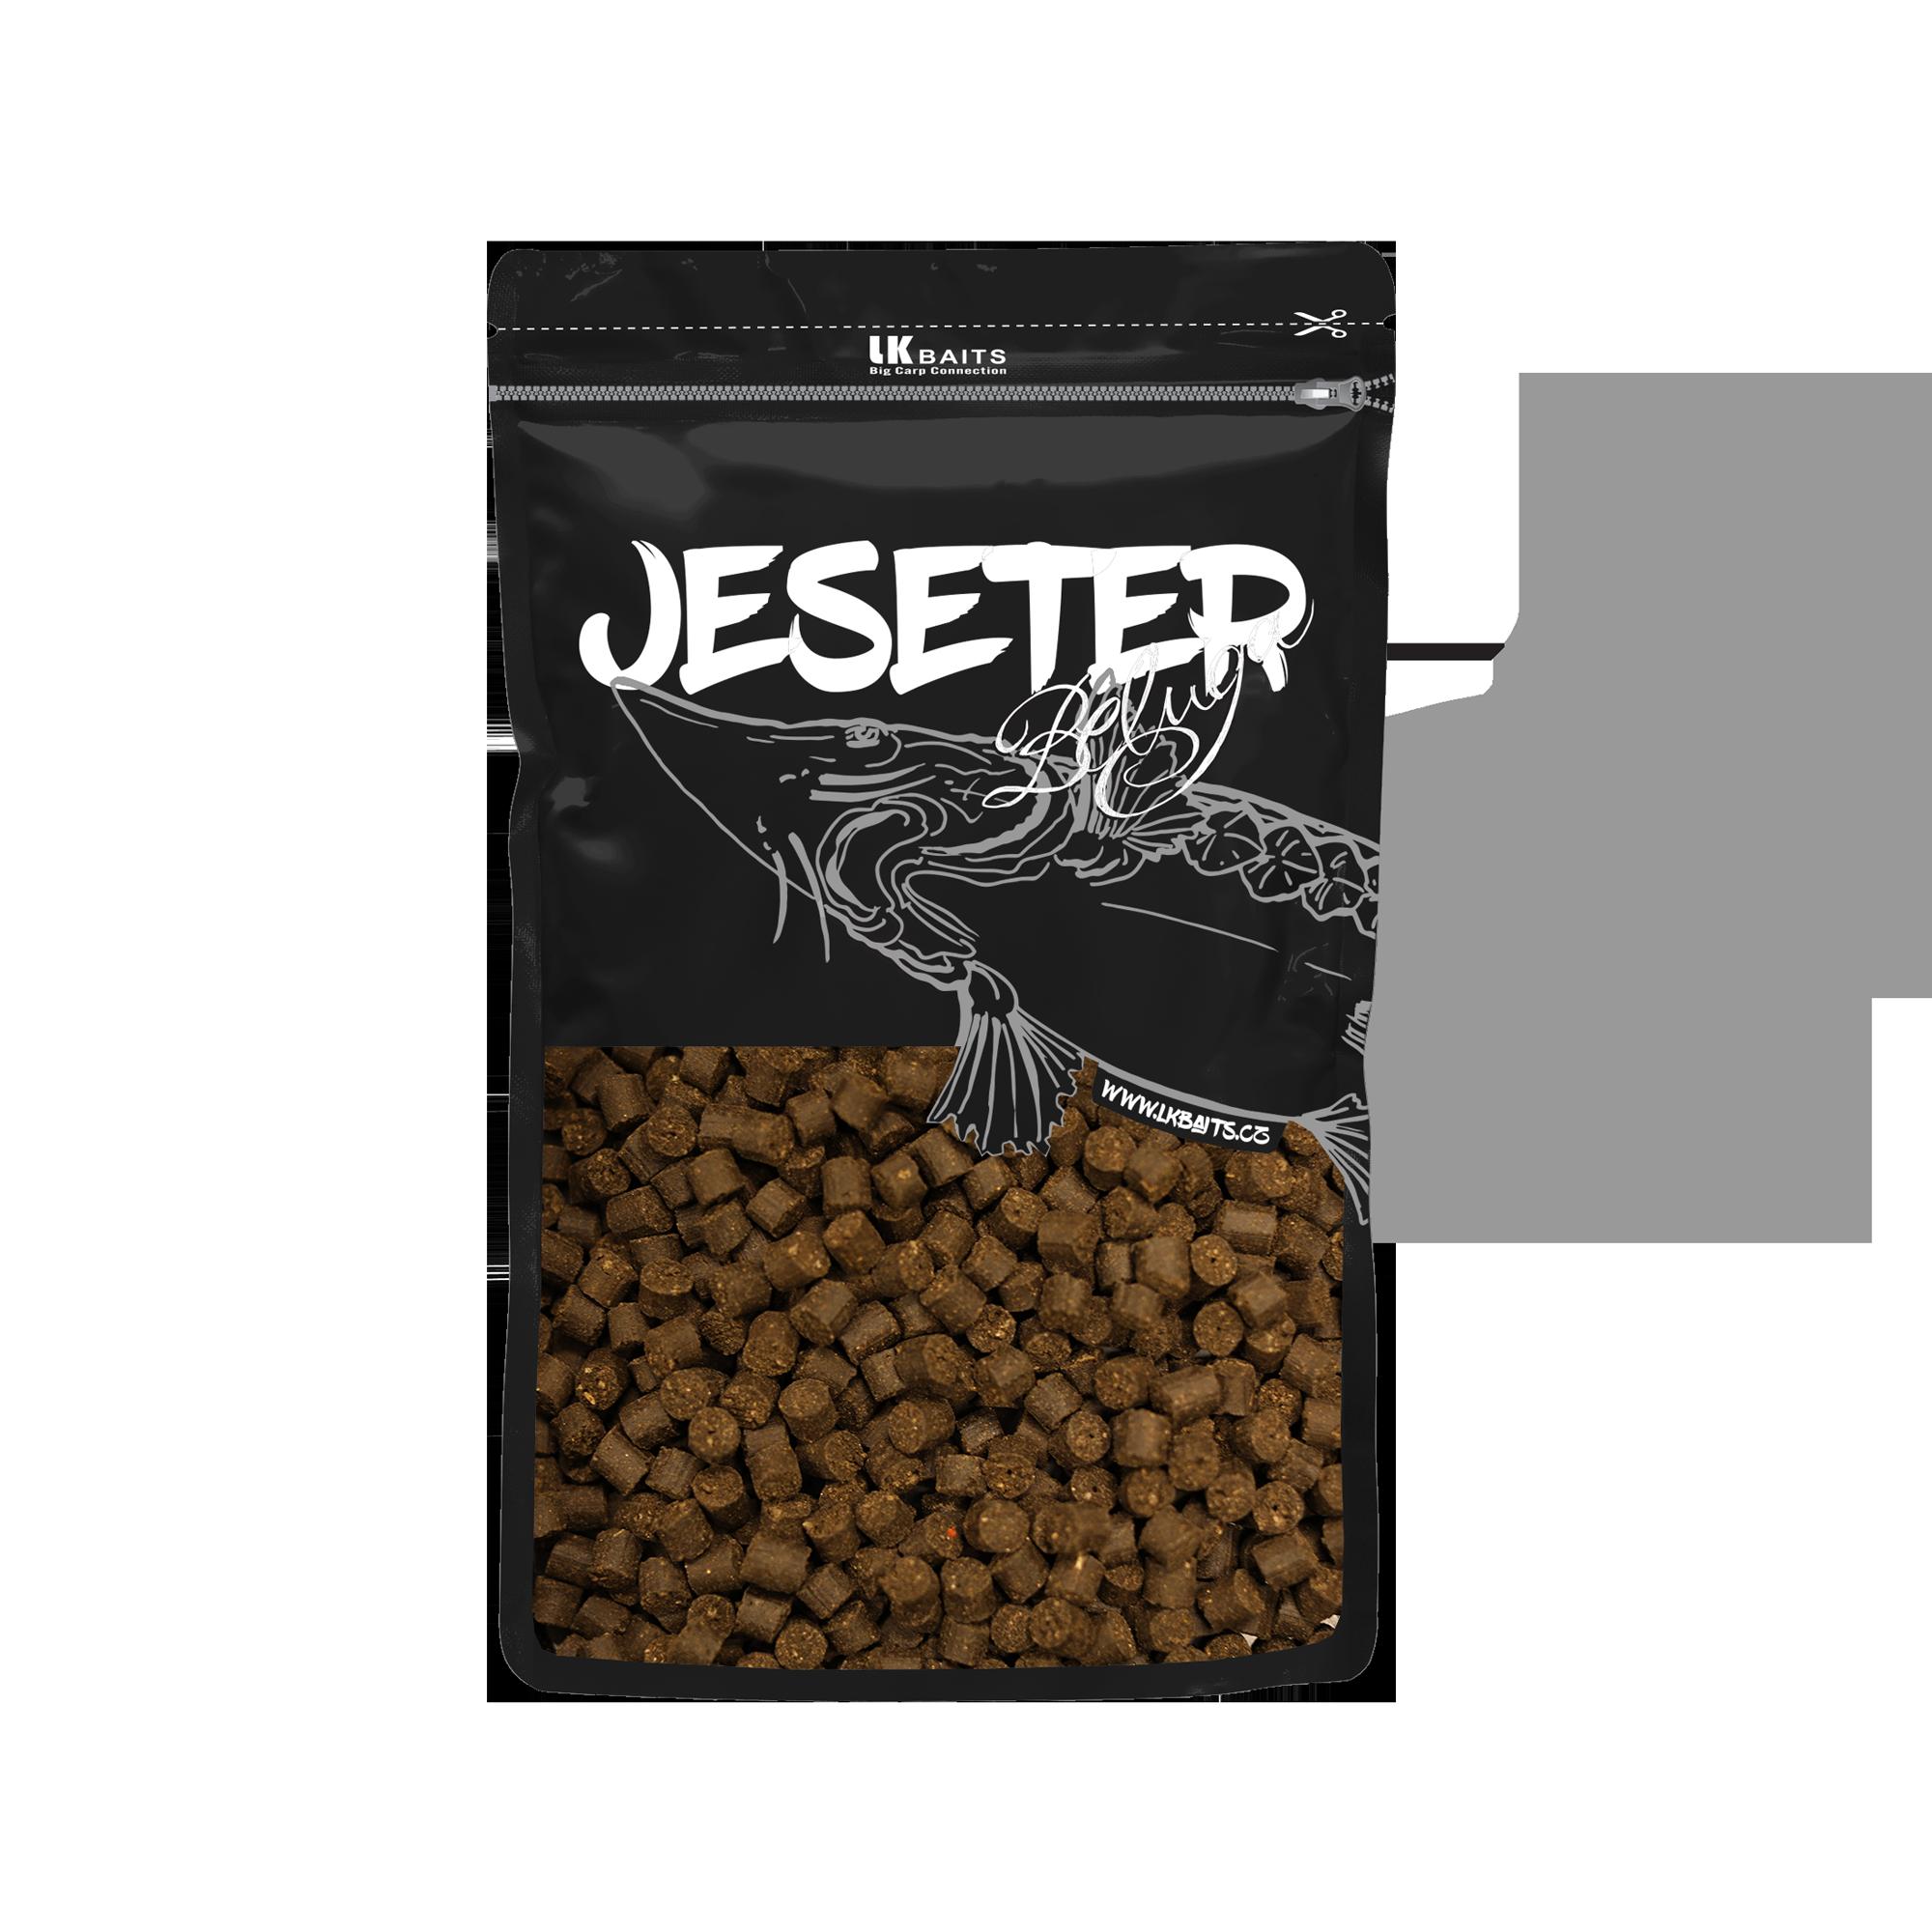 LK Baits Jeseter Special Pellets Beluga Halibut 12mm 1kg